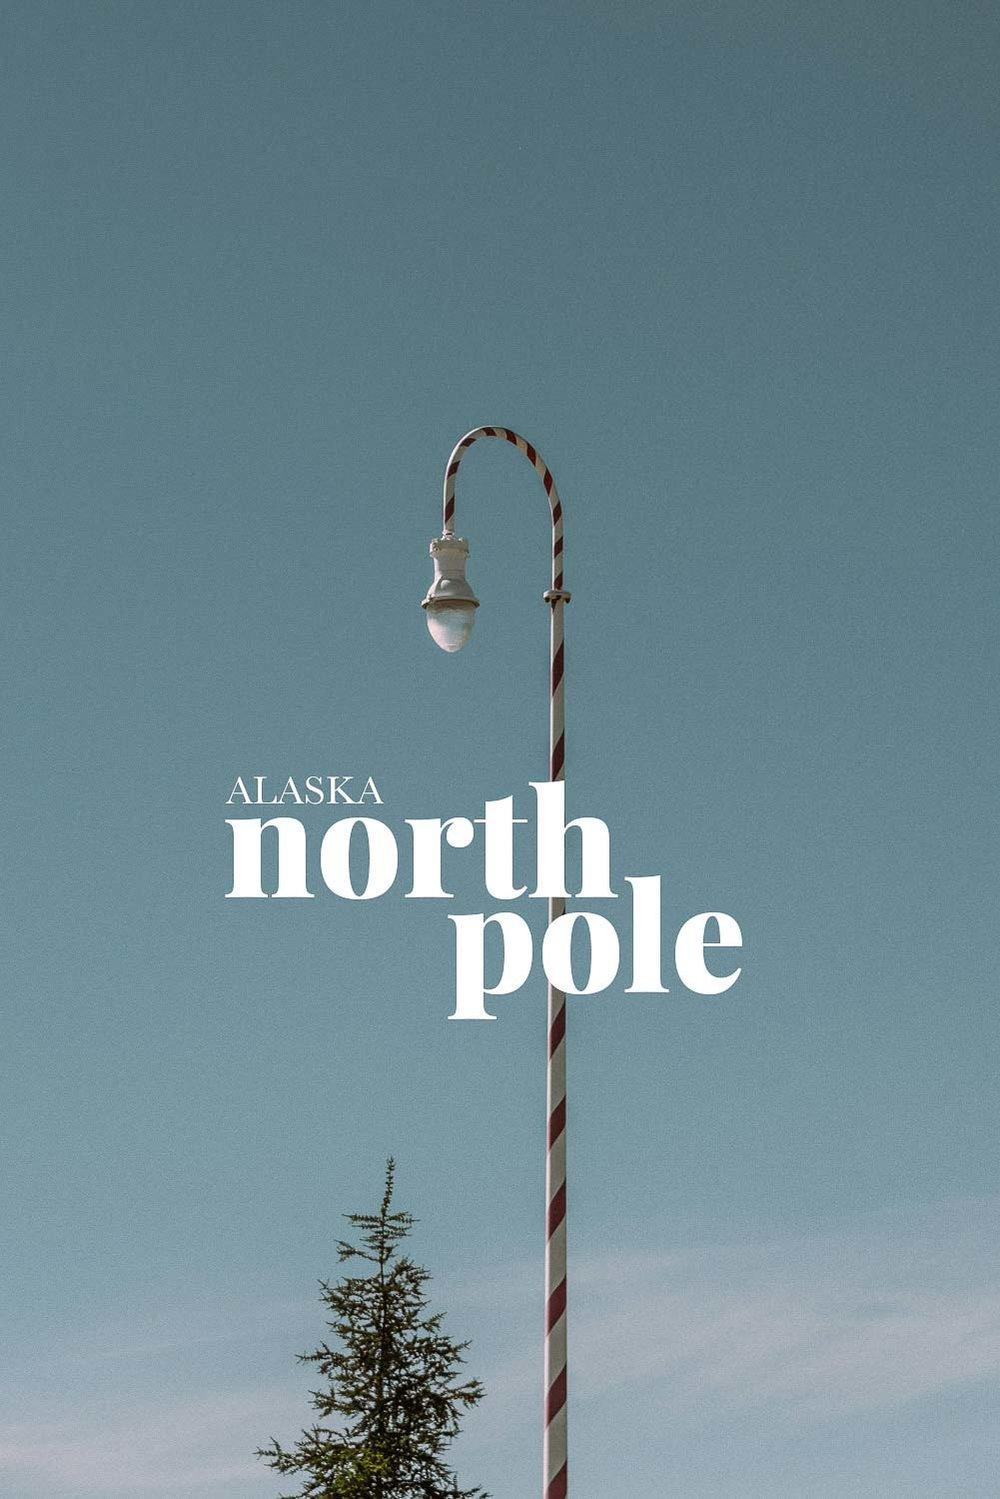 Jultomten bor i North Pole Alaska och inte i Nordpolen enligt den här staden, här är det jul året runt